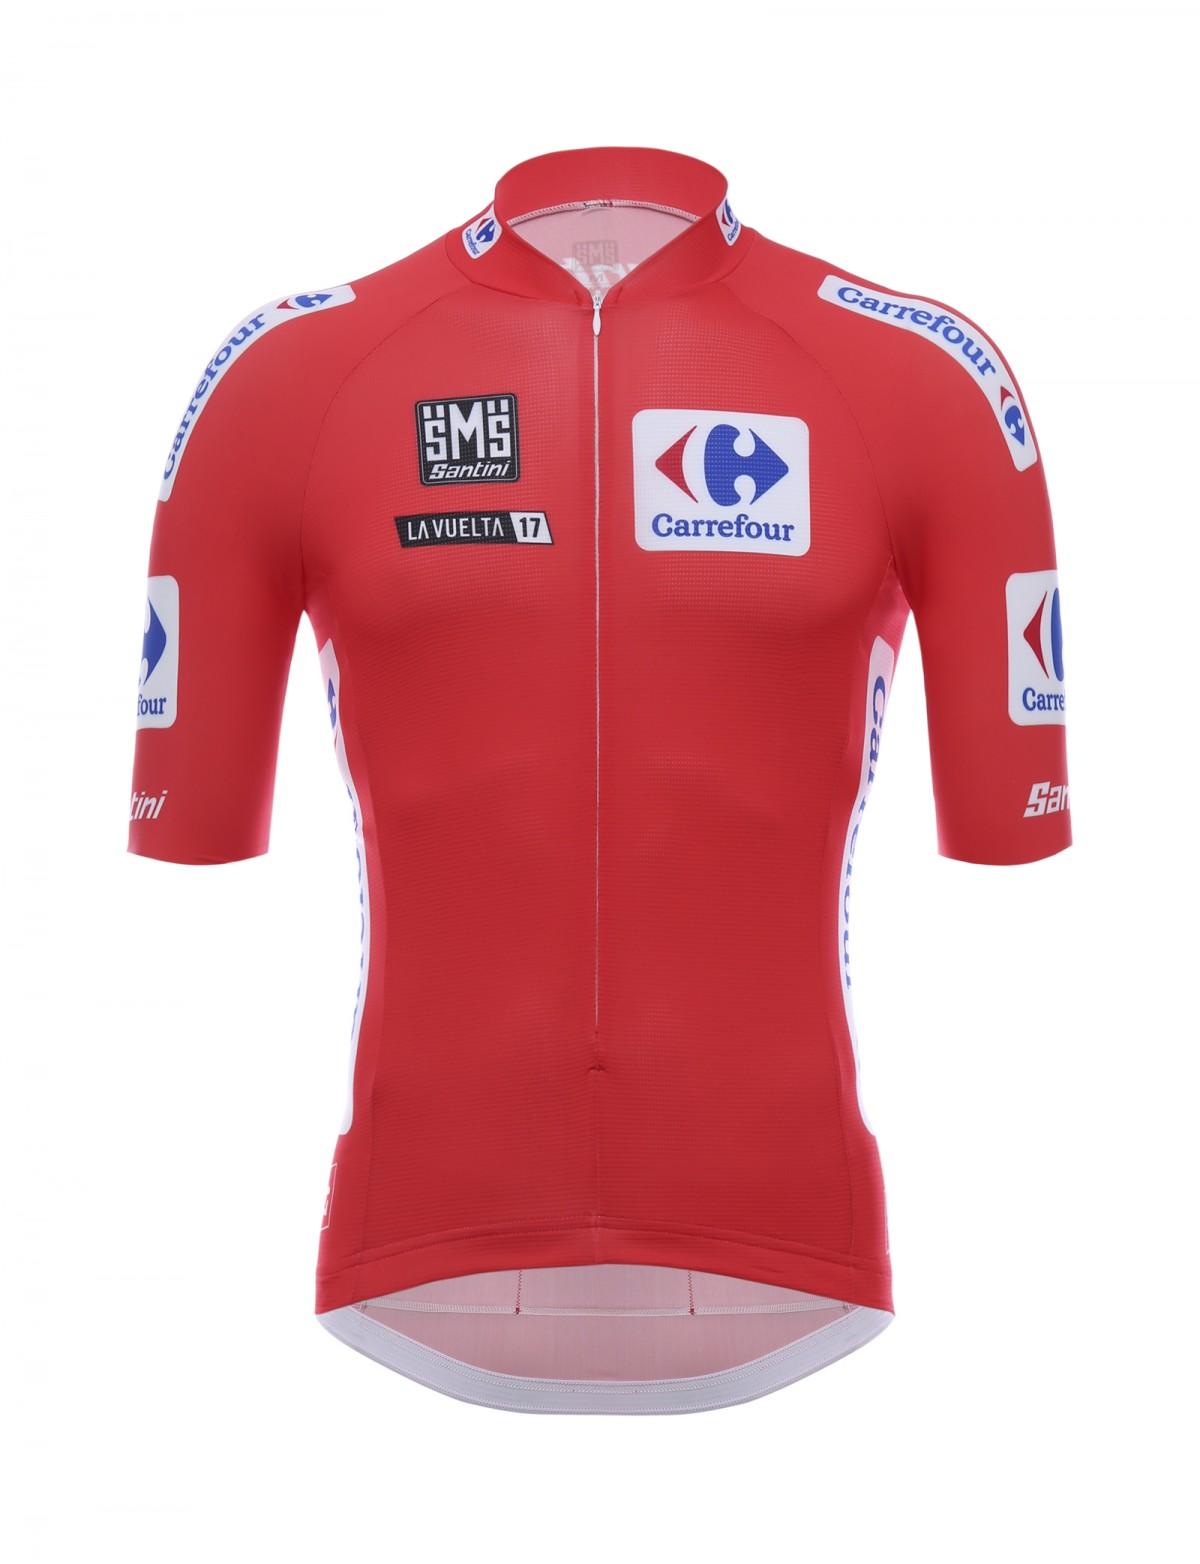 Vuelta maglia rossa